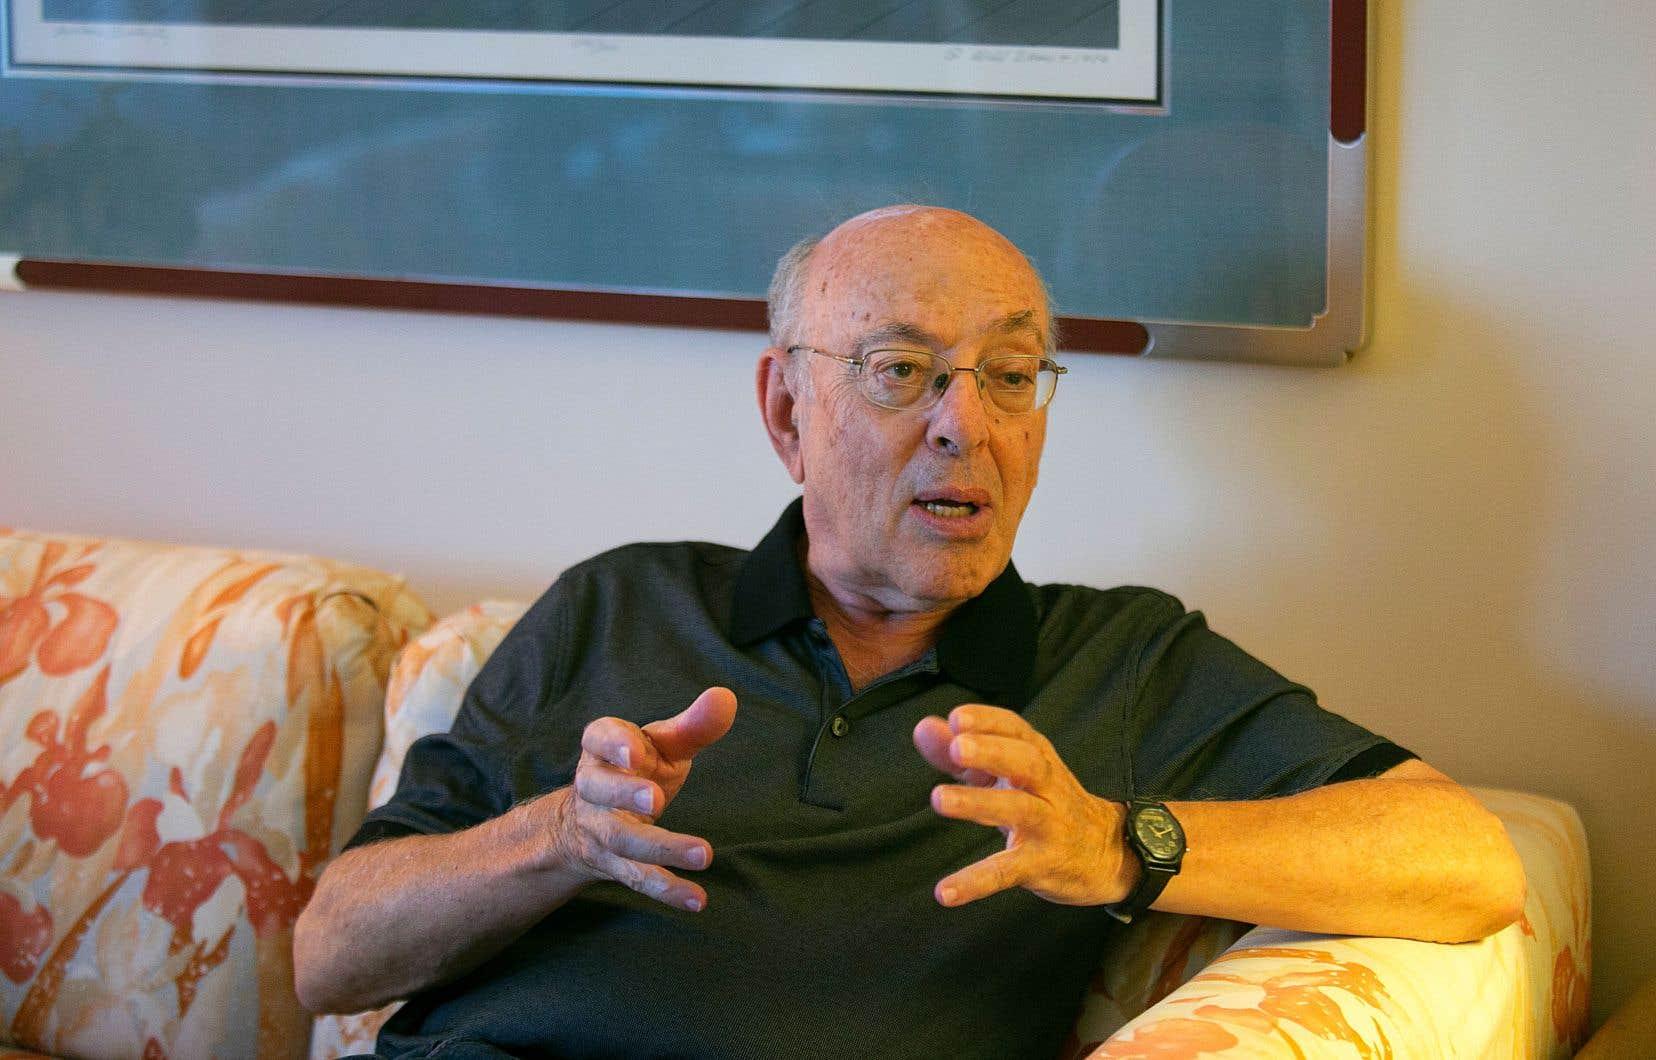 Expert en science de la gestion de réputation internationale, Henry Mintzberg a cumulé, au fil de ses 50 ans de carrière, une vingtaine d'ouvrages, 180 articles scientifiques et une multitude de prix et de distinctions.